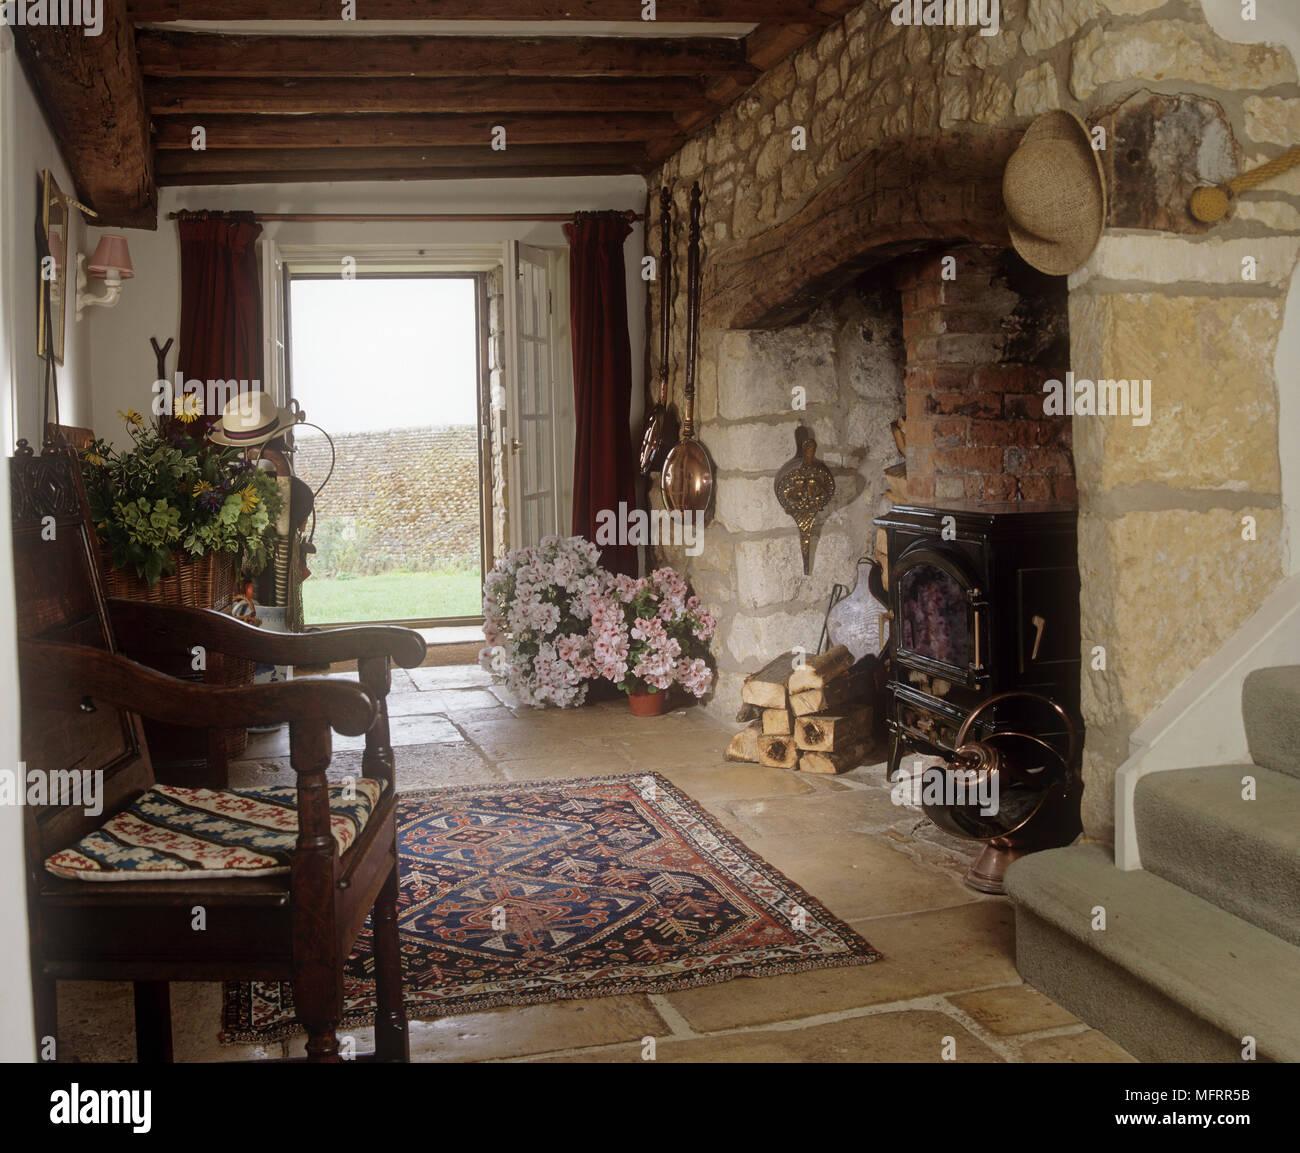 Amüsant Landhausstil Flur Referenz Von Mit Steinmauern, Kaminecke Und Steinplatten Boden